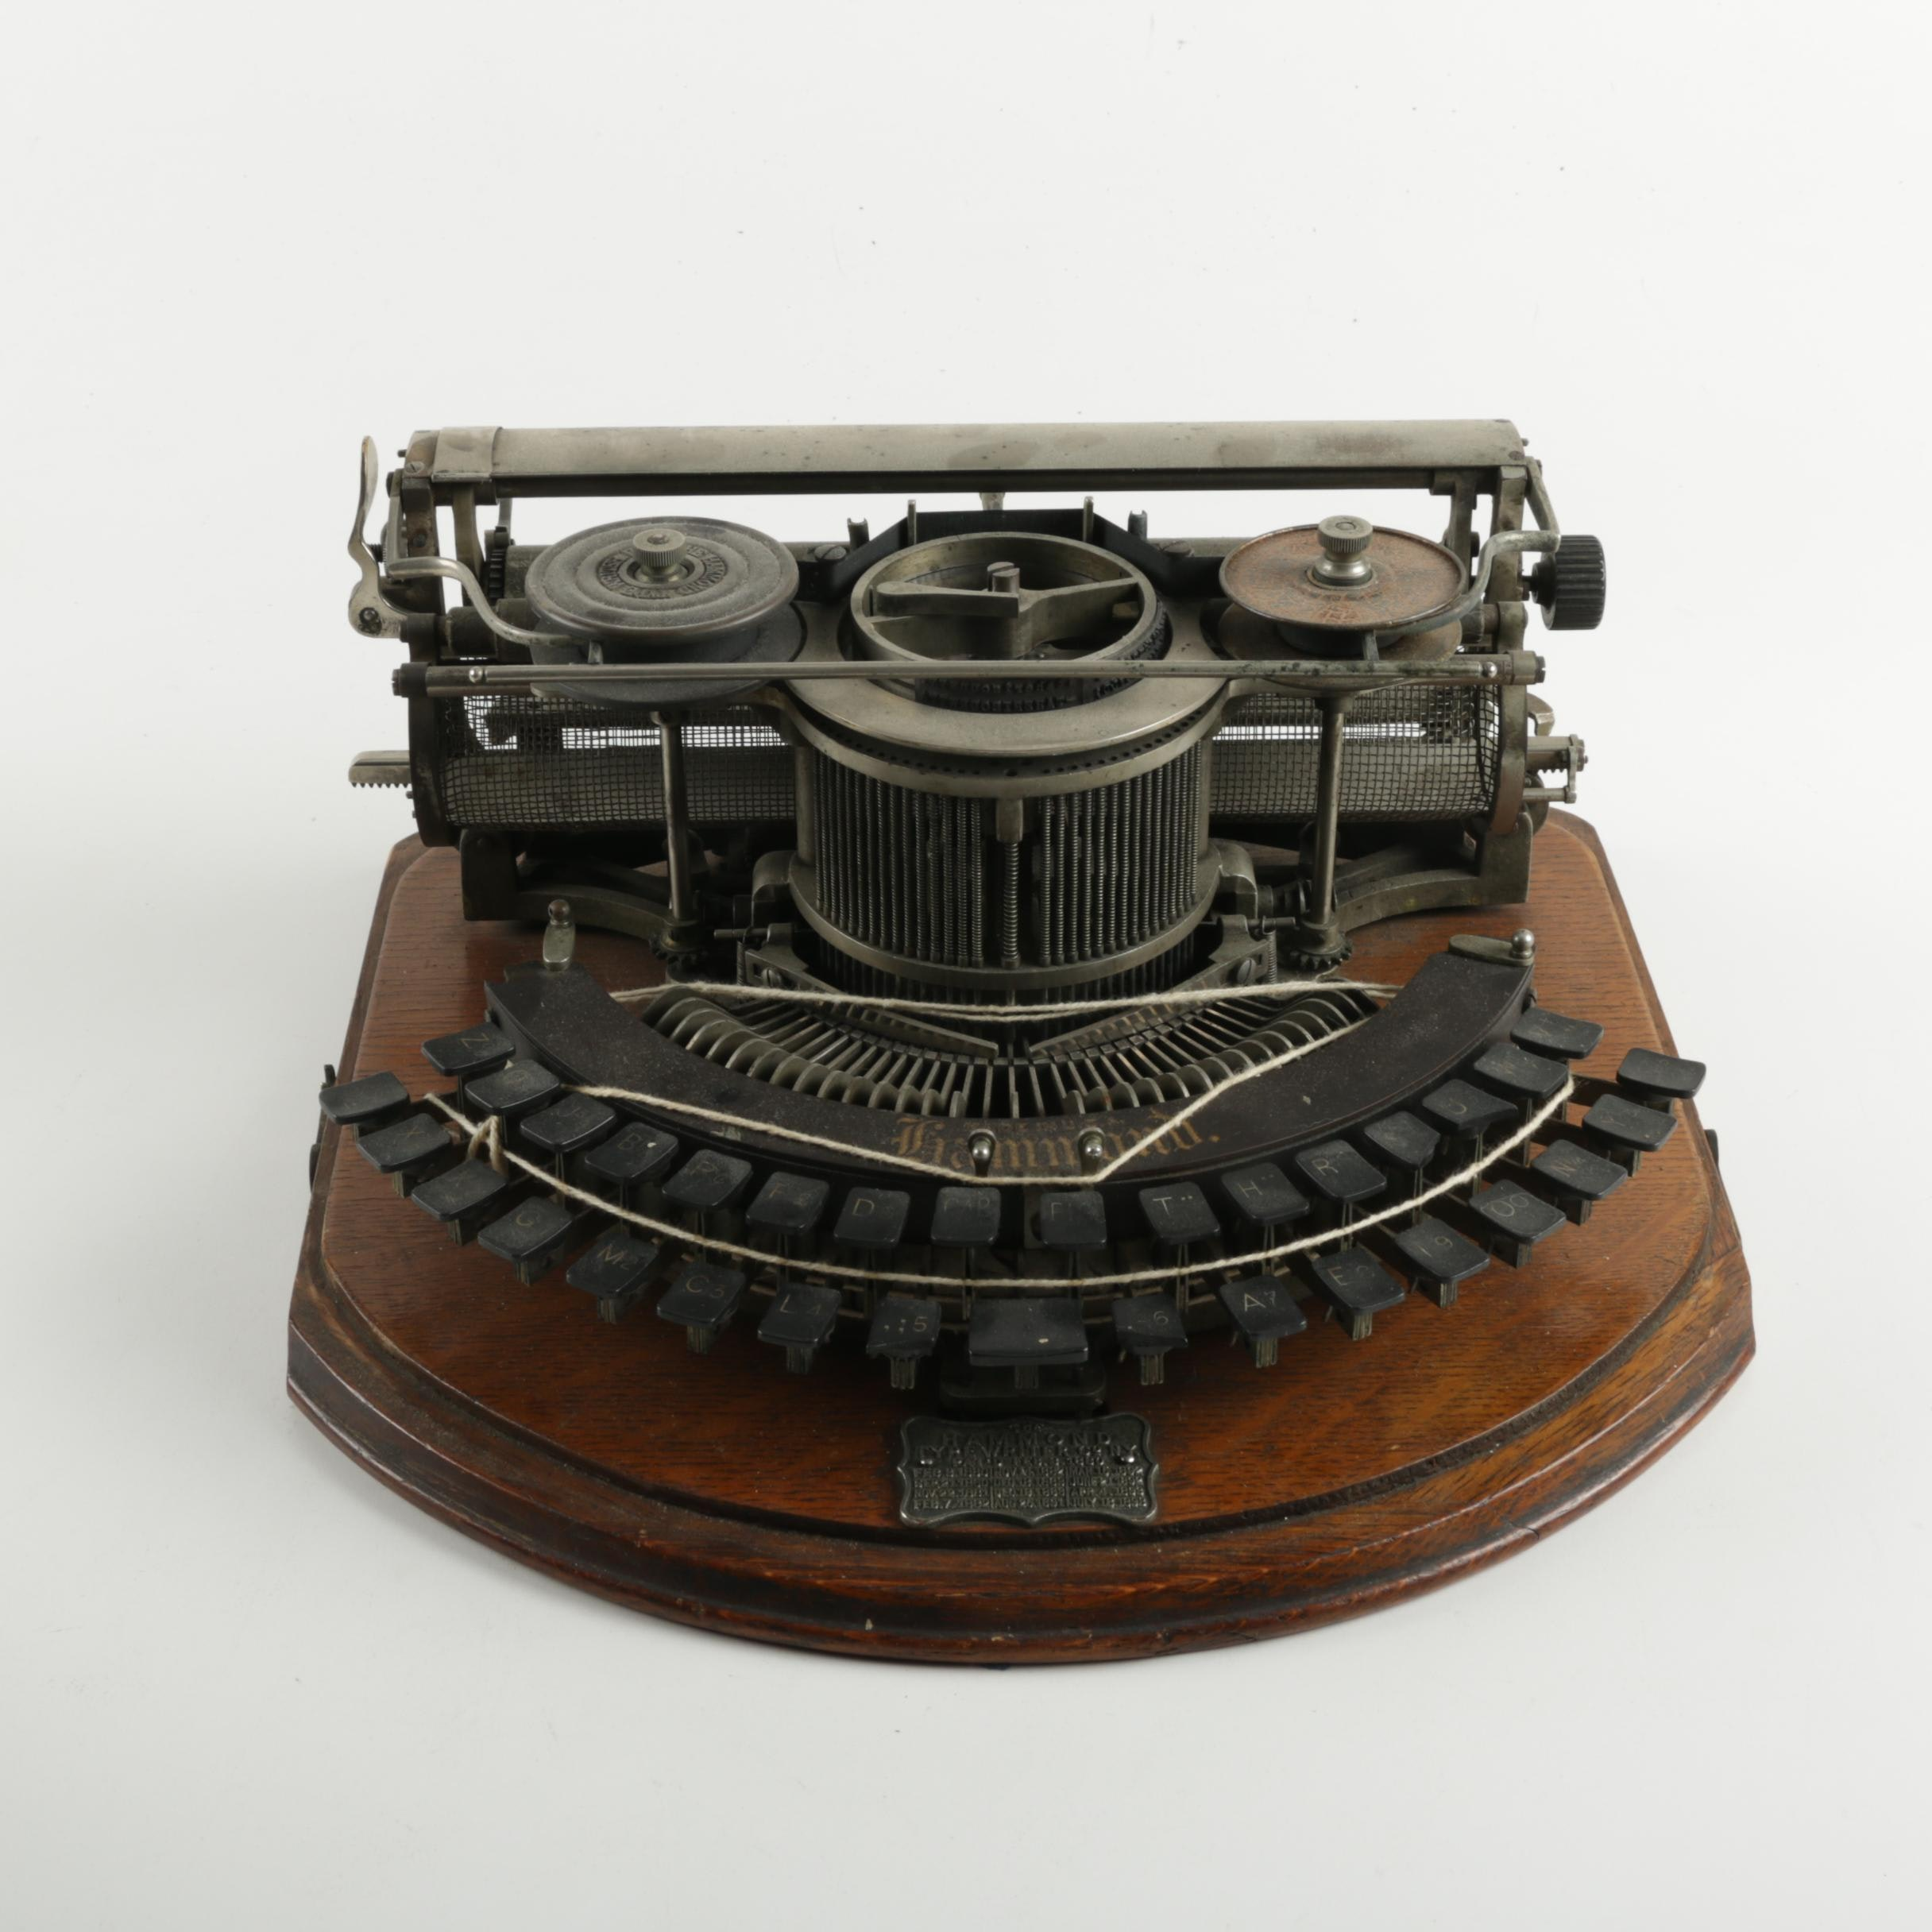 Hammond Typewriter 1b by James Hammond c.1880s